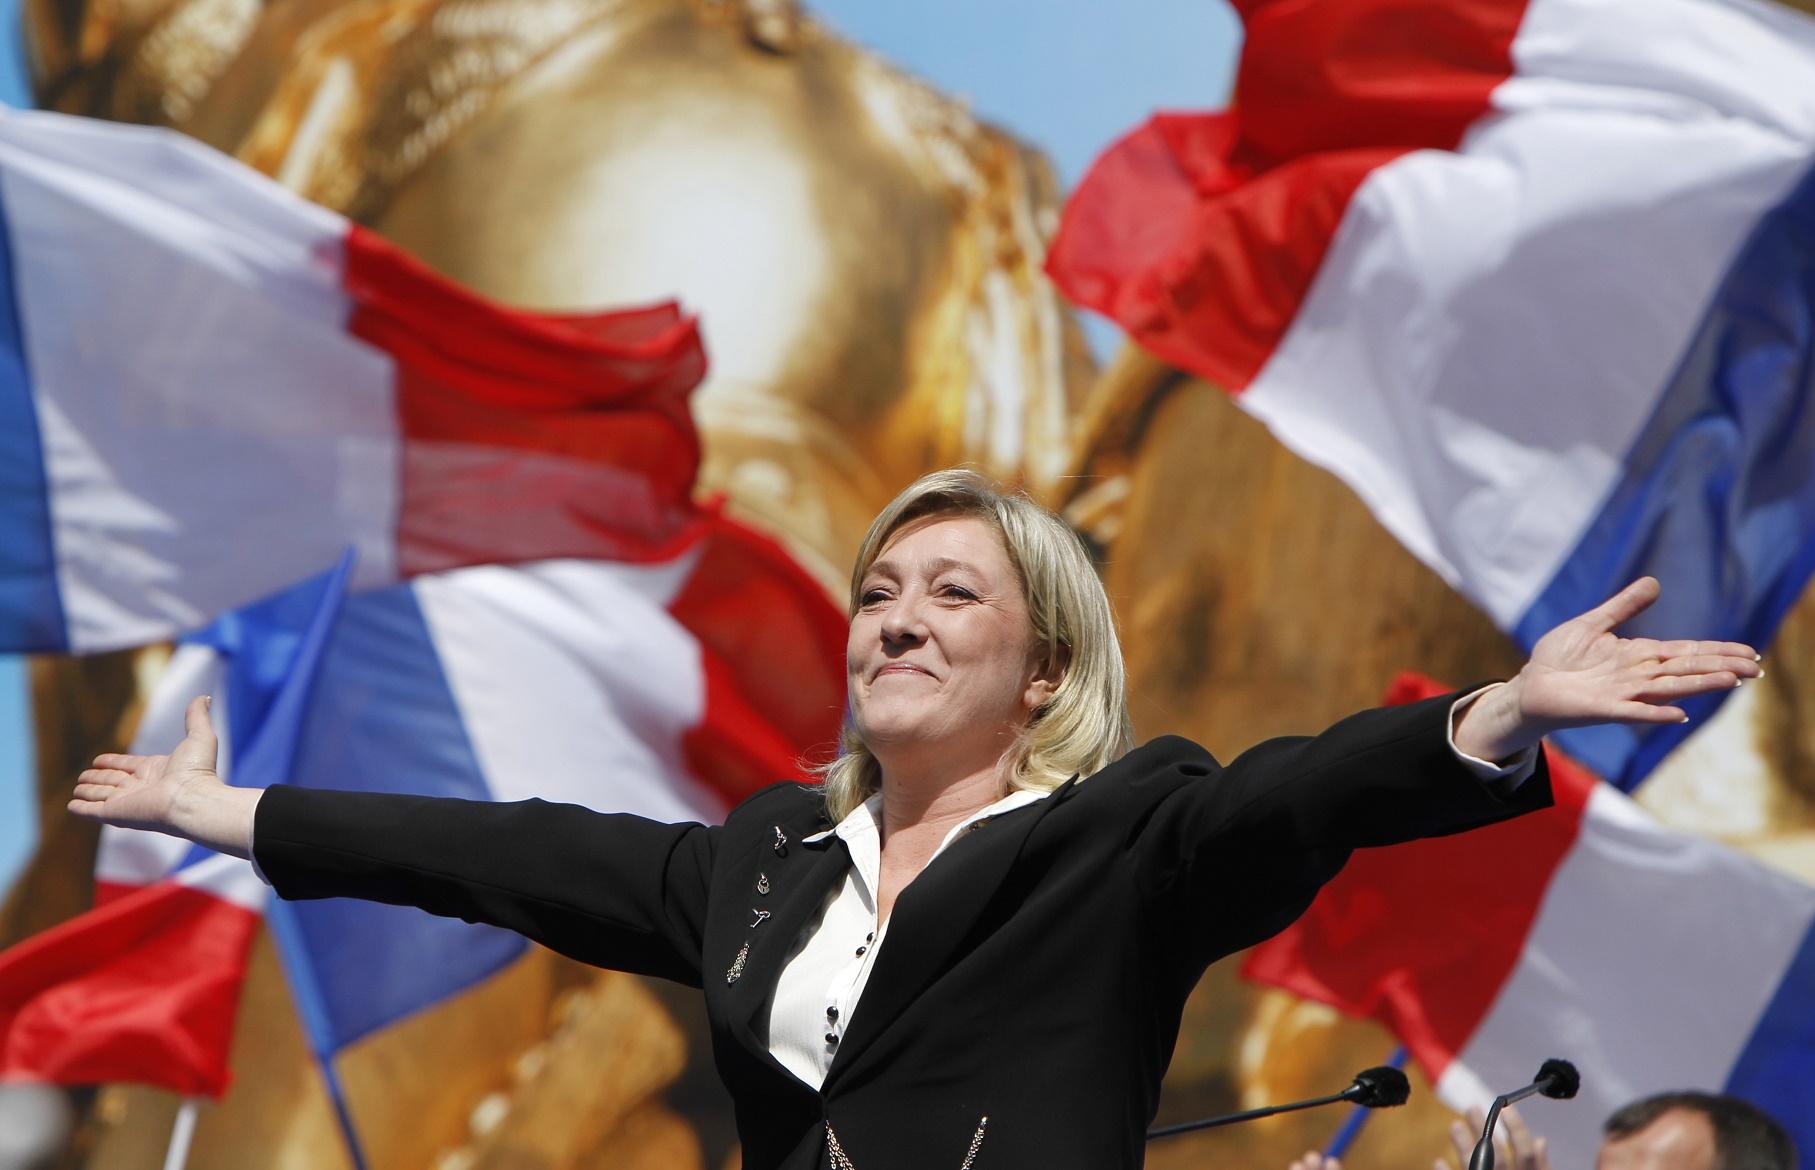 Tudo indica que Marine Le Pen não vencerá o segundo turno da eleição francesa, mas seu partido sai fortalecido e já não assusta parte dos eleitores. Foto Kenzo Tribouillard/AFP